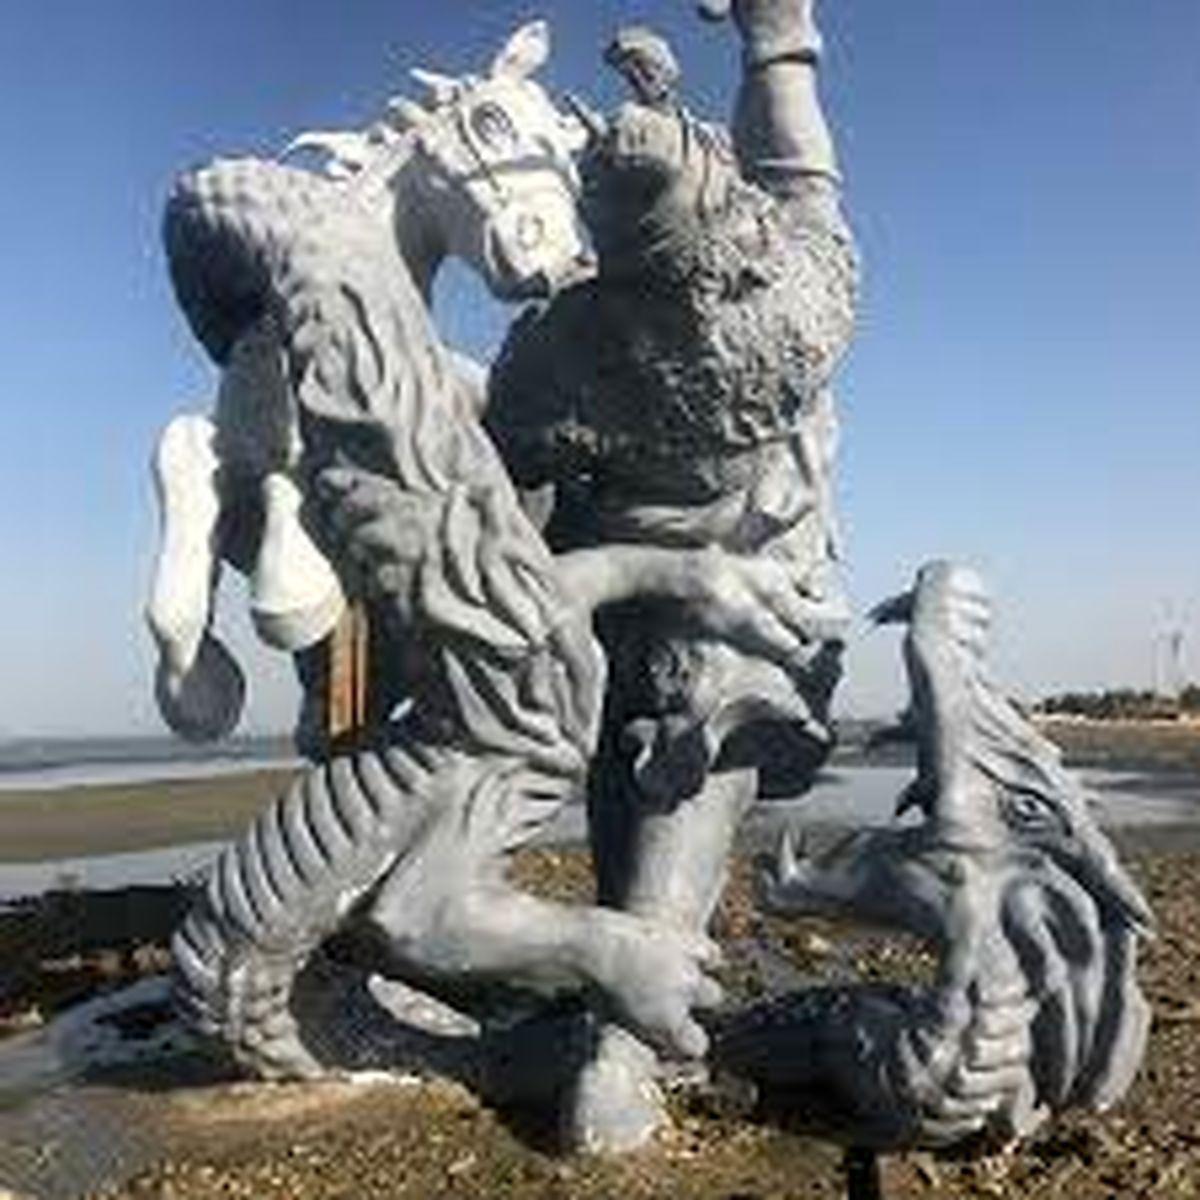 تکذیب شایعه تخریب مجسمه فردوسی به دستور آیت ا... علم الهدی